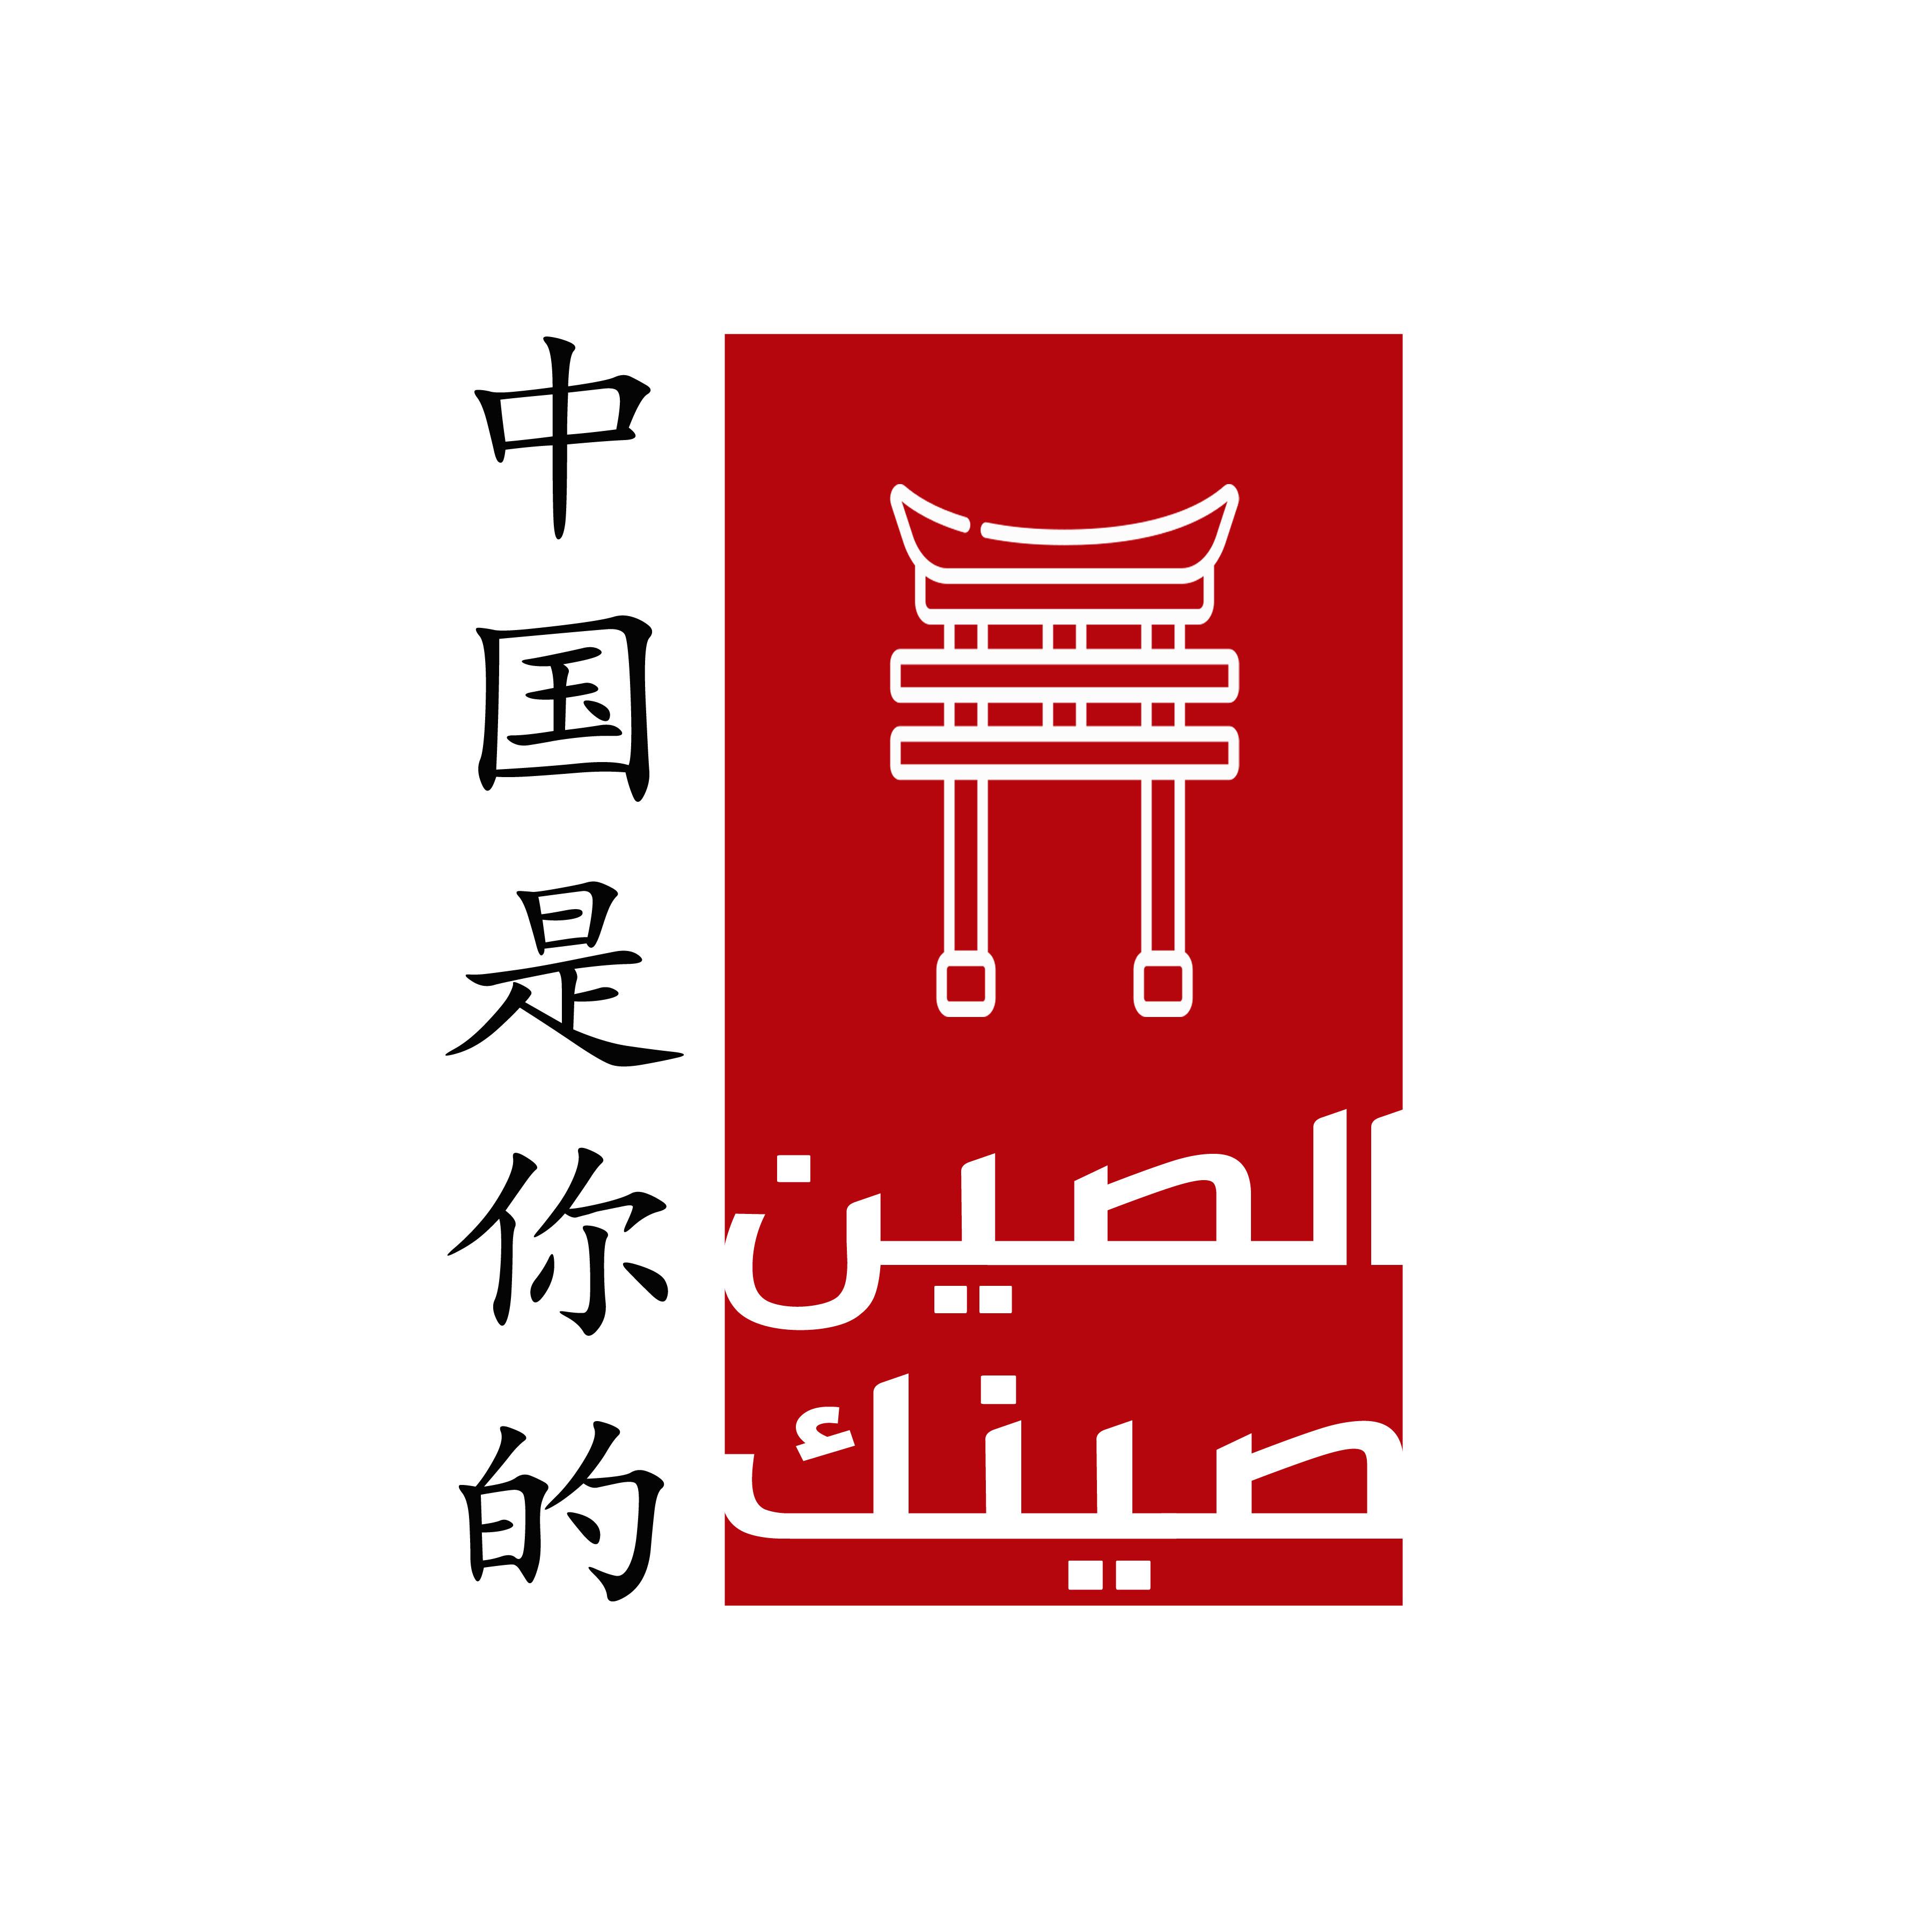 الصين صينك 亚当